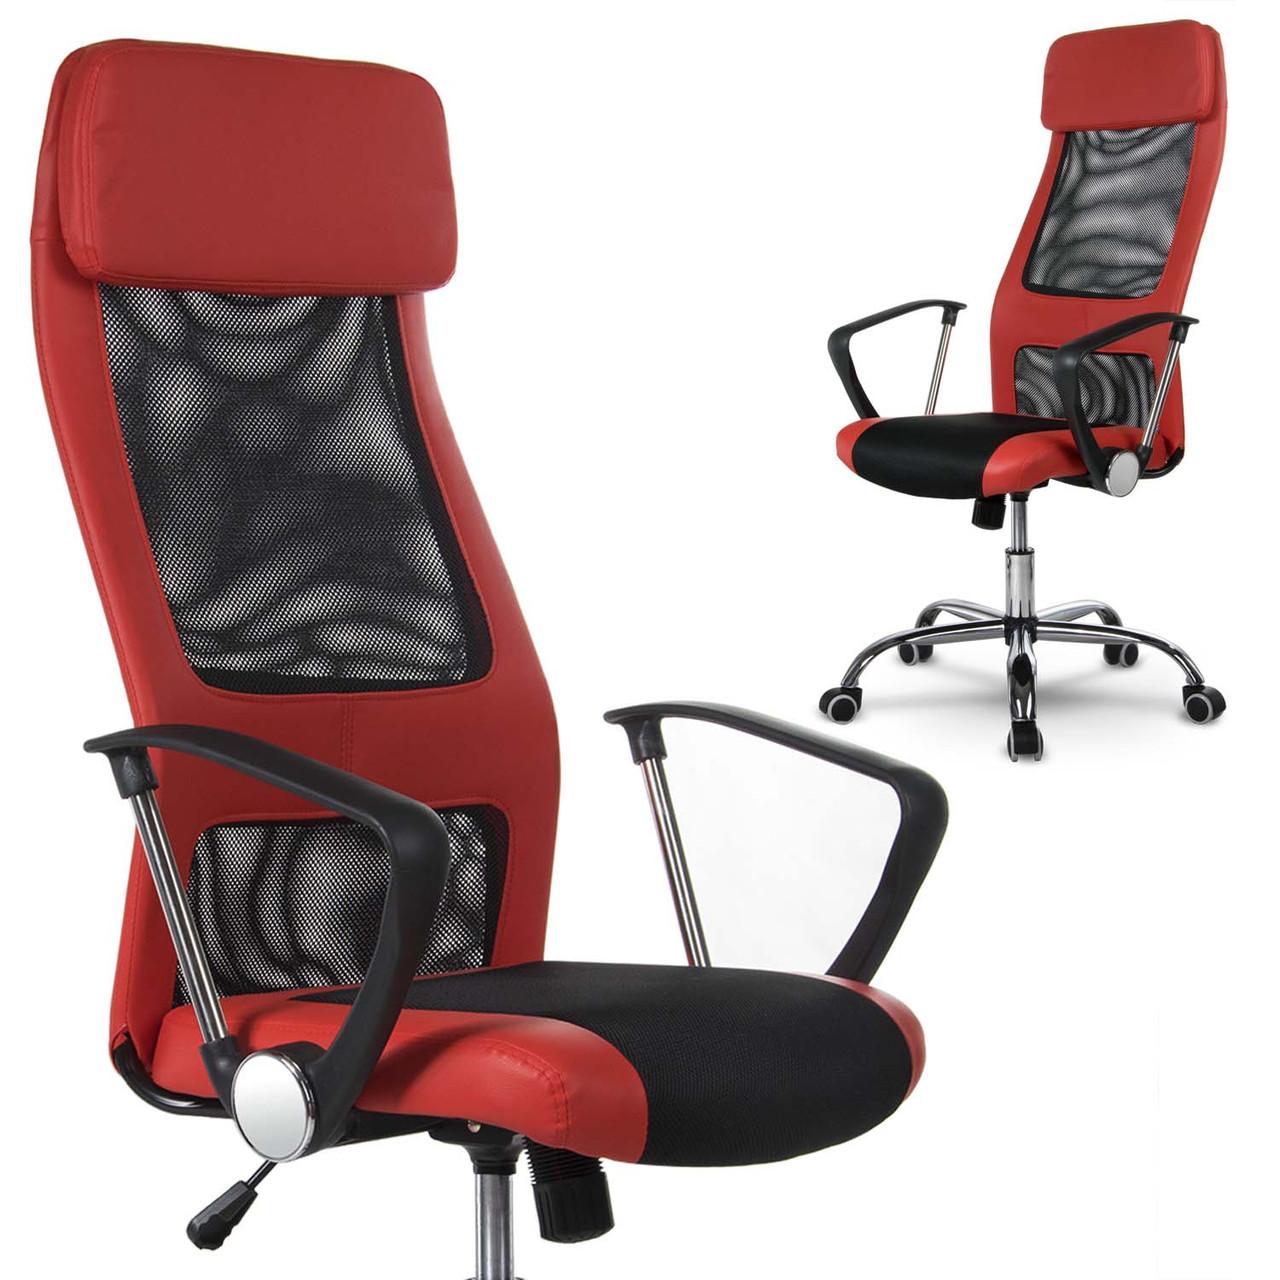 Висока сучасне офісне крісло Rio red